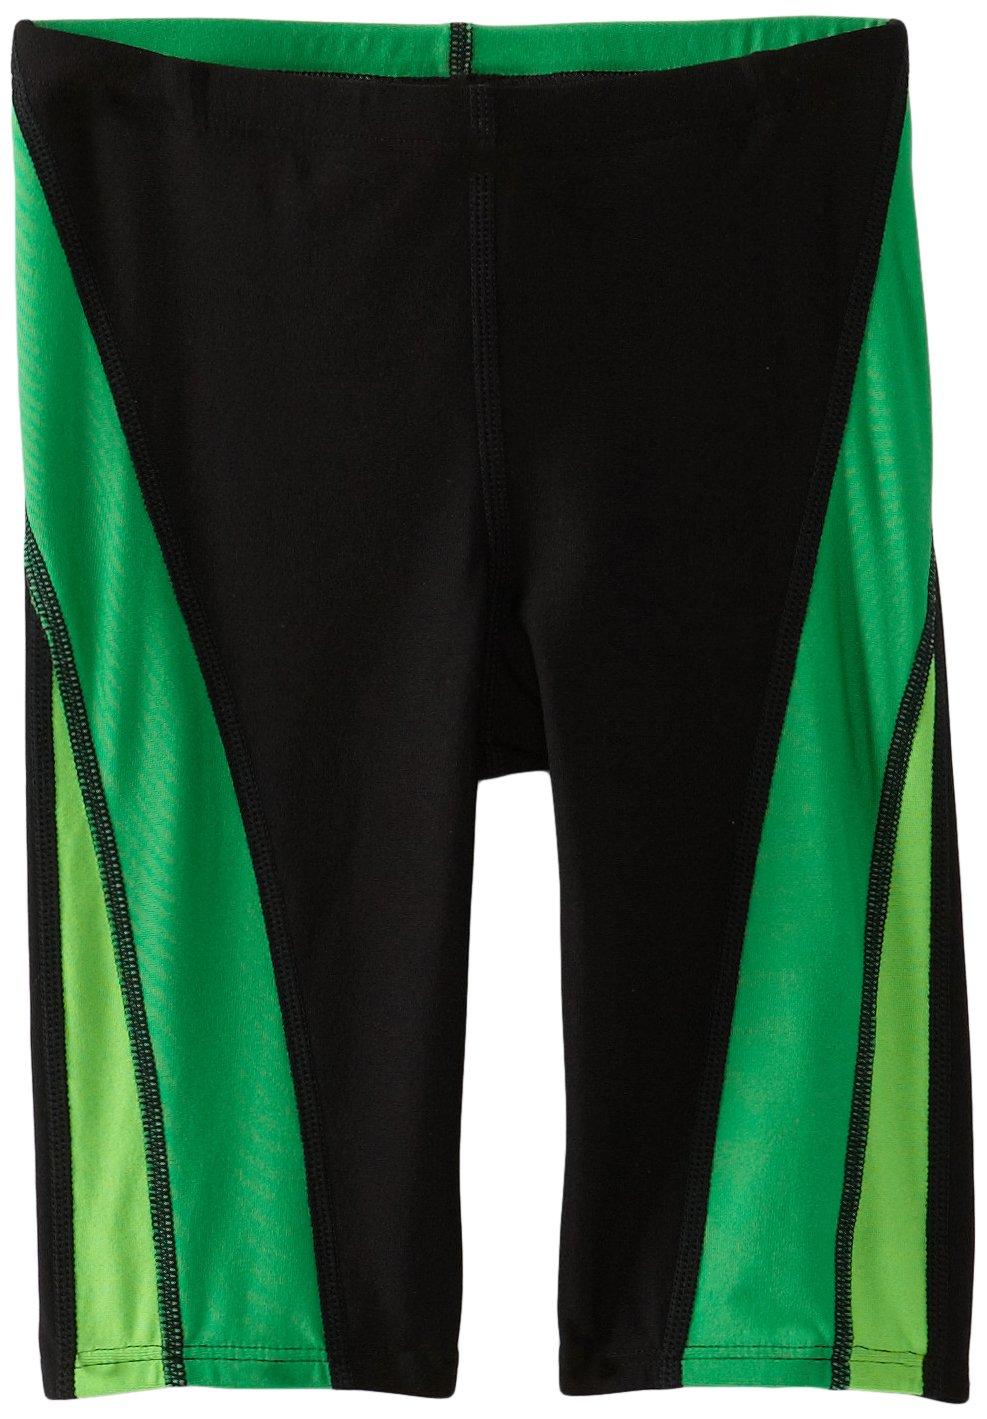 Speedo Men and Boys' Endurance+ Launch Splice Jammer Swimsuit, Black/Green, 22